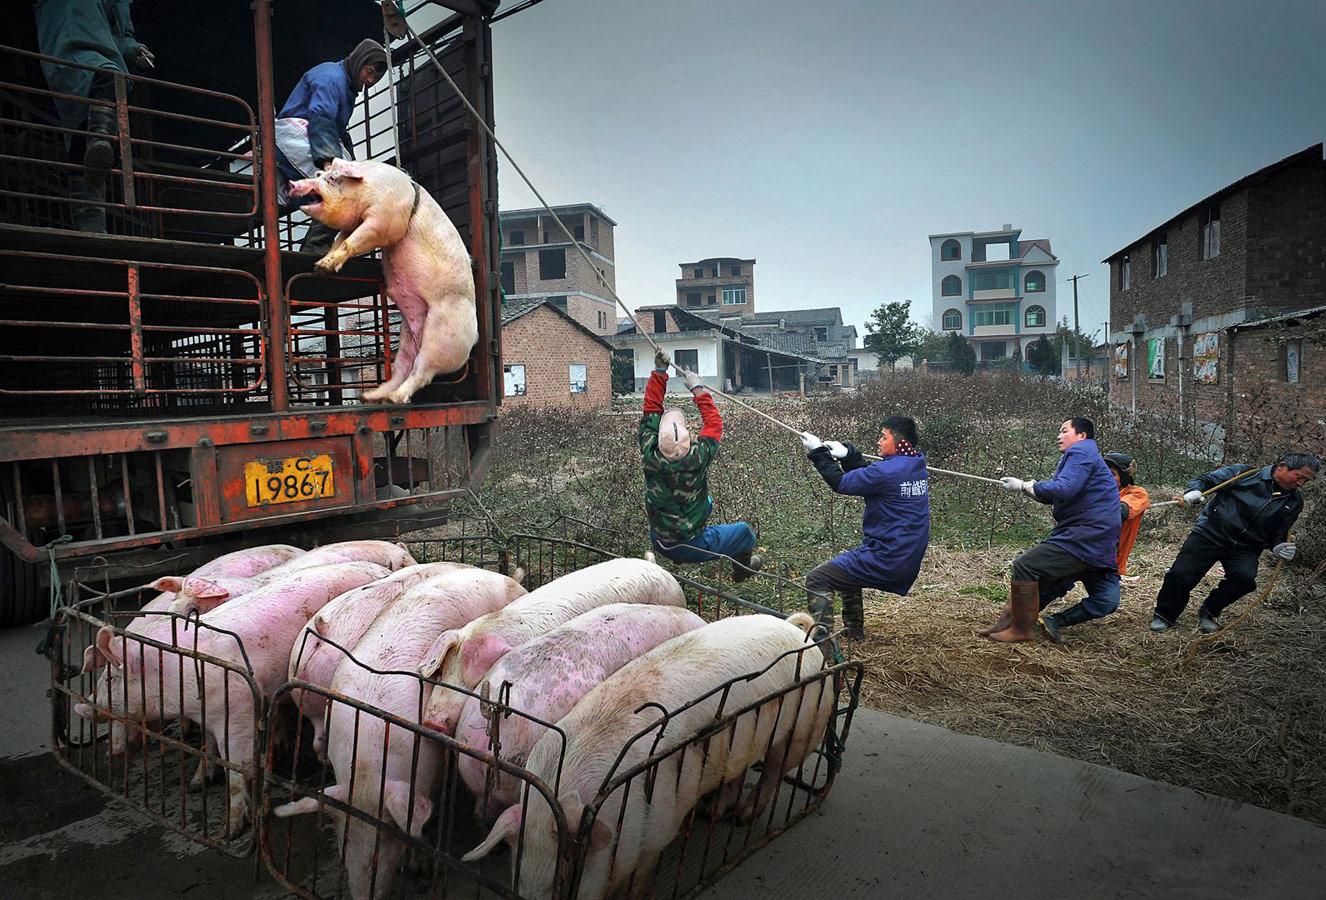 Висячая свинья, © Цзин Шэн Ни, Китай, 3 место, Фотоконкурс уличной фотографии LensCulture